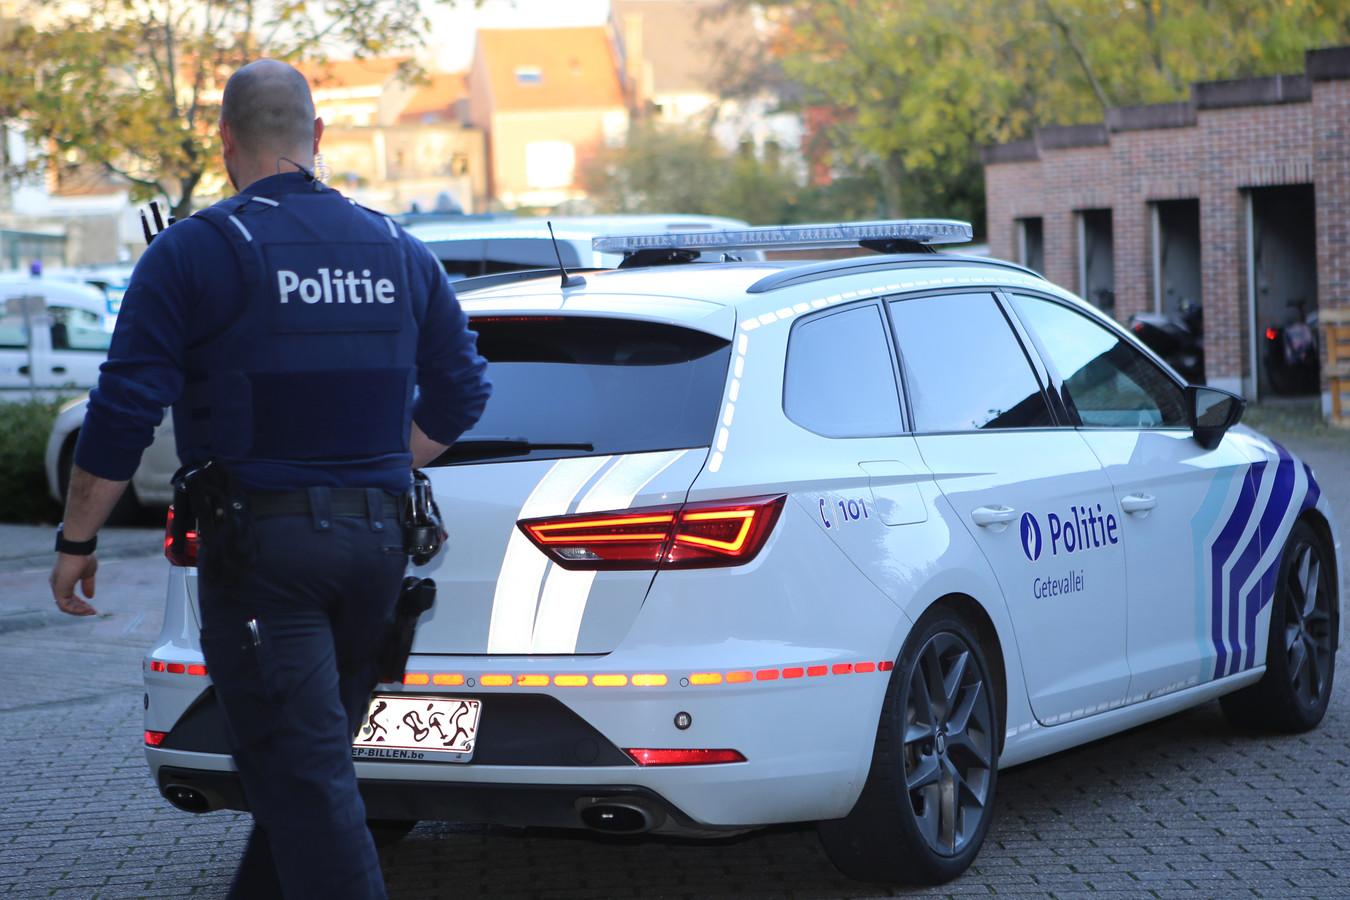 De politie onderzoekt de zaak verder.